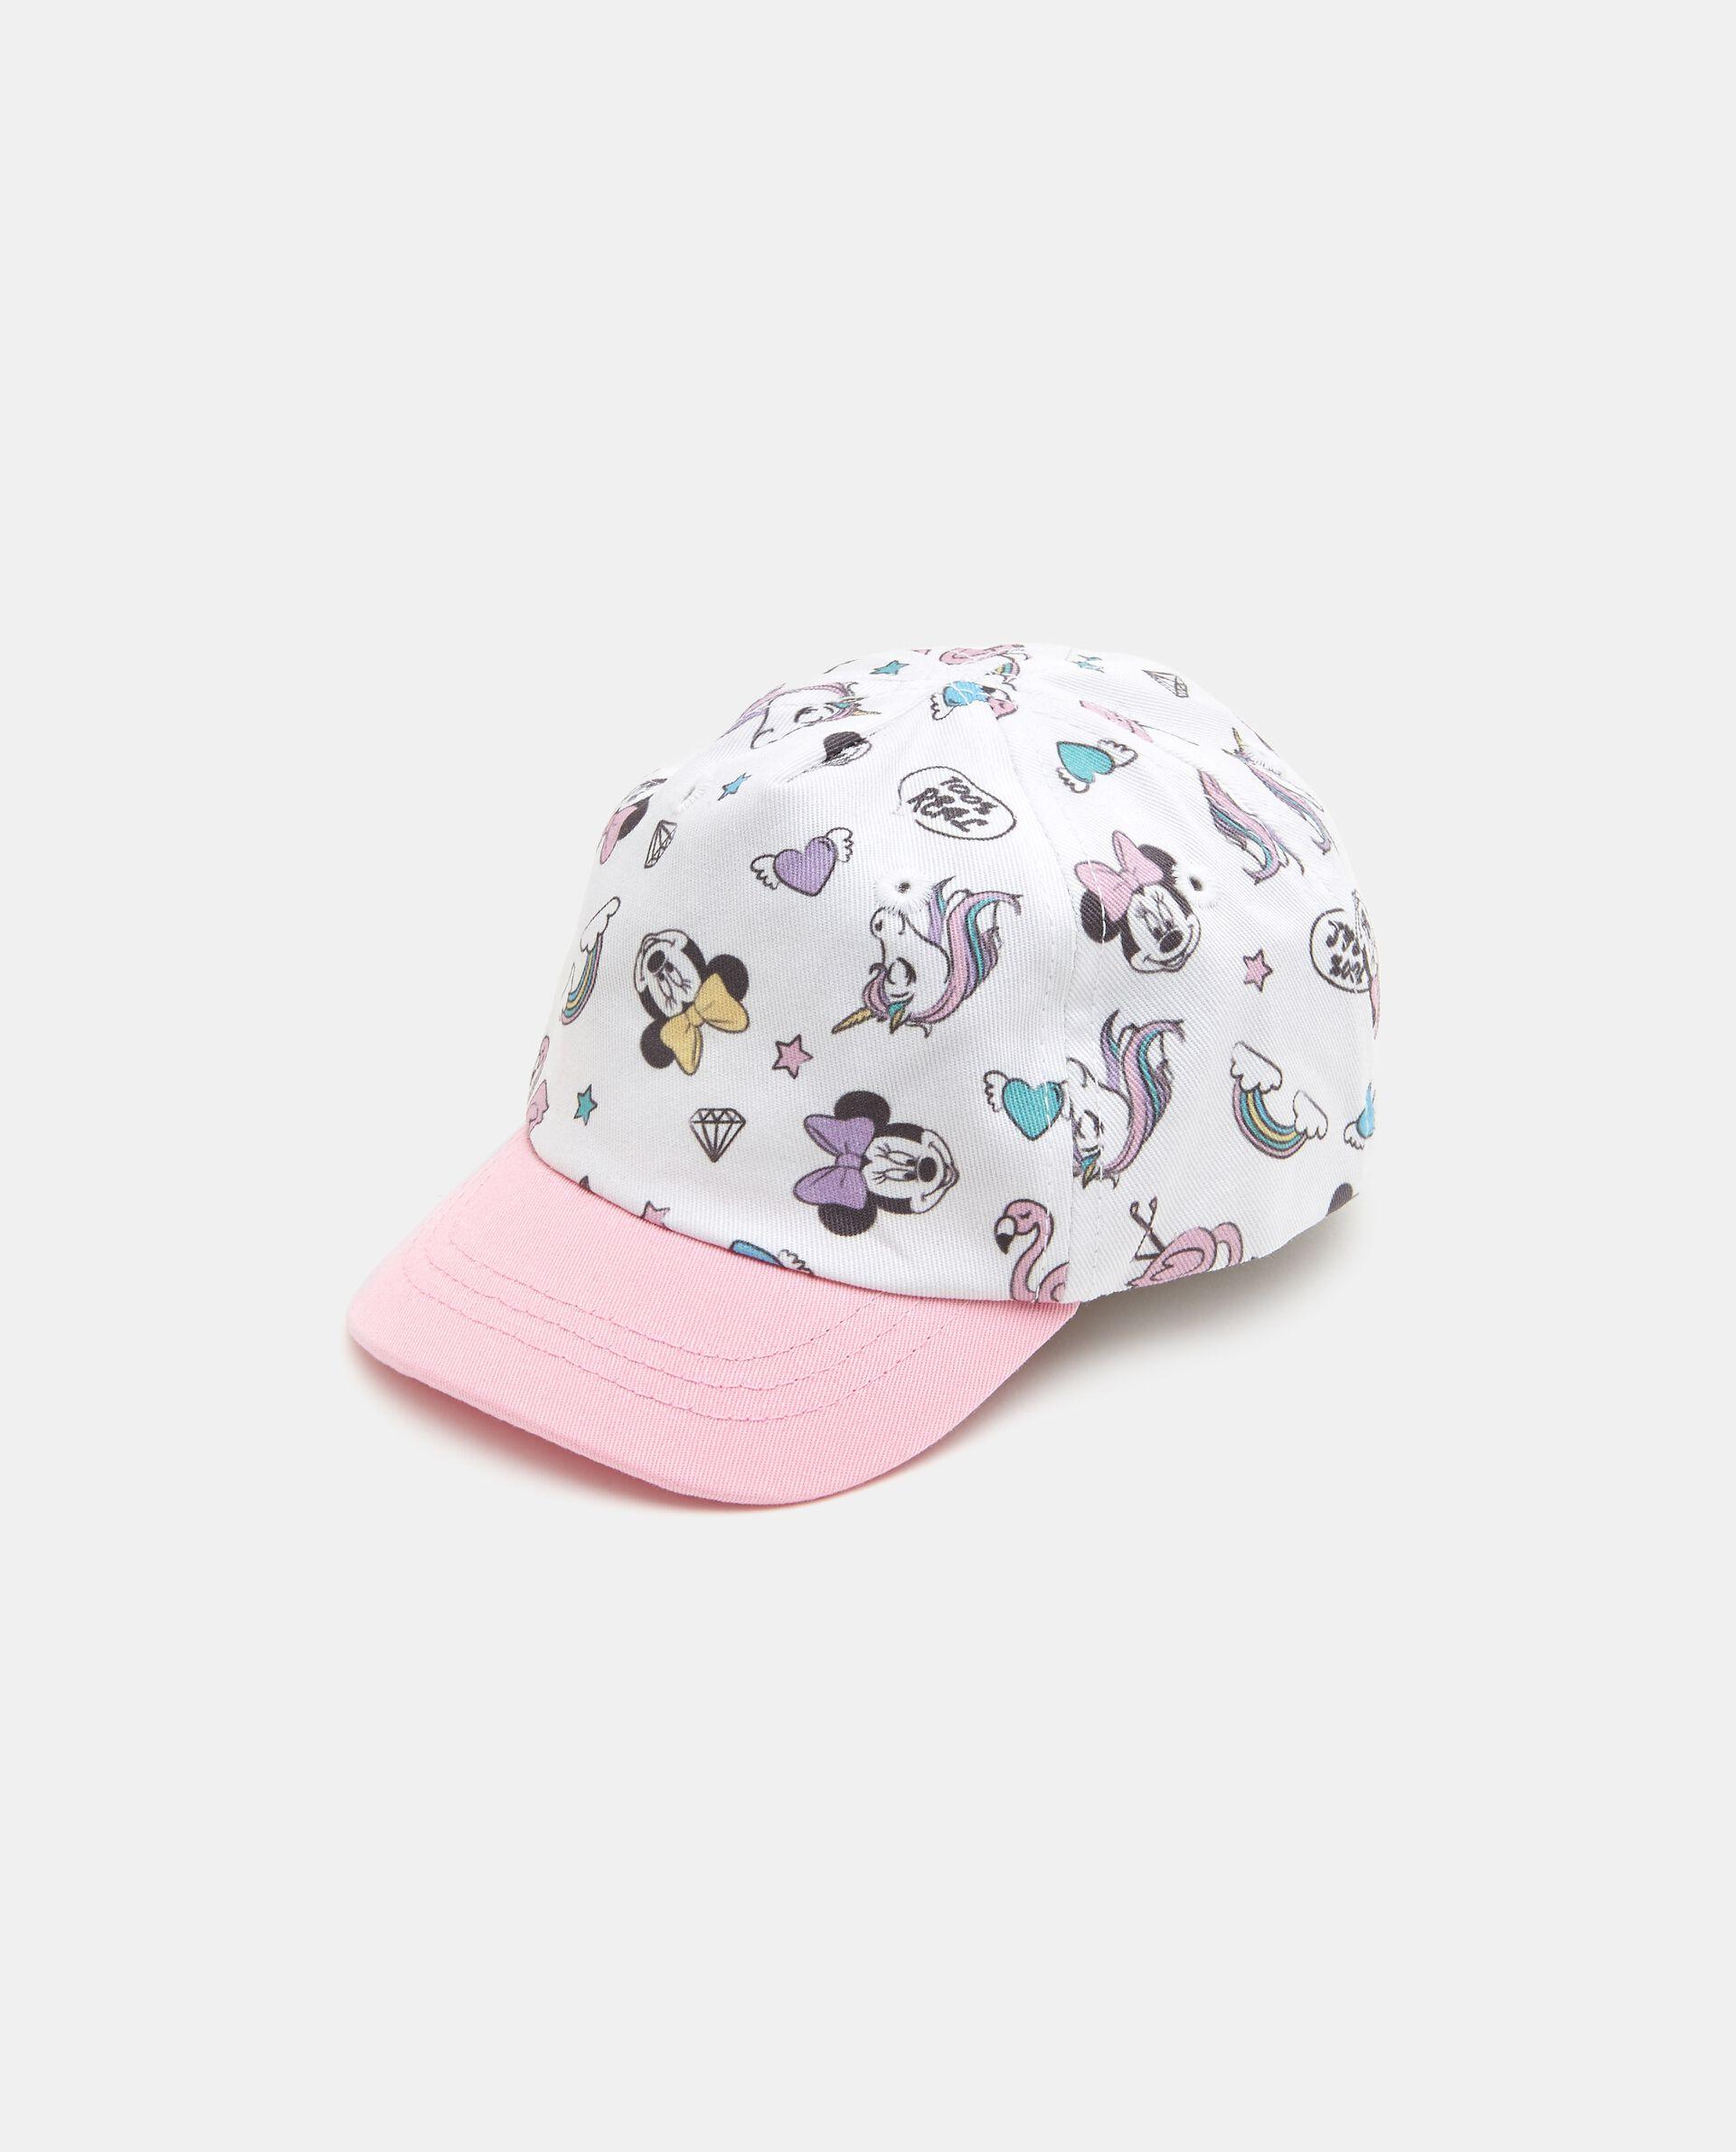 Cappellino con fantasia Minnie in puro cotone neonata